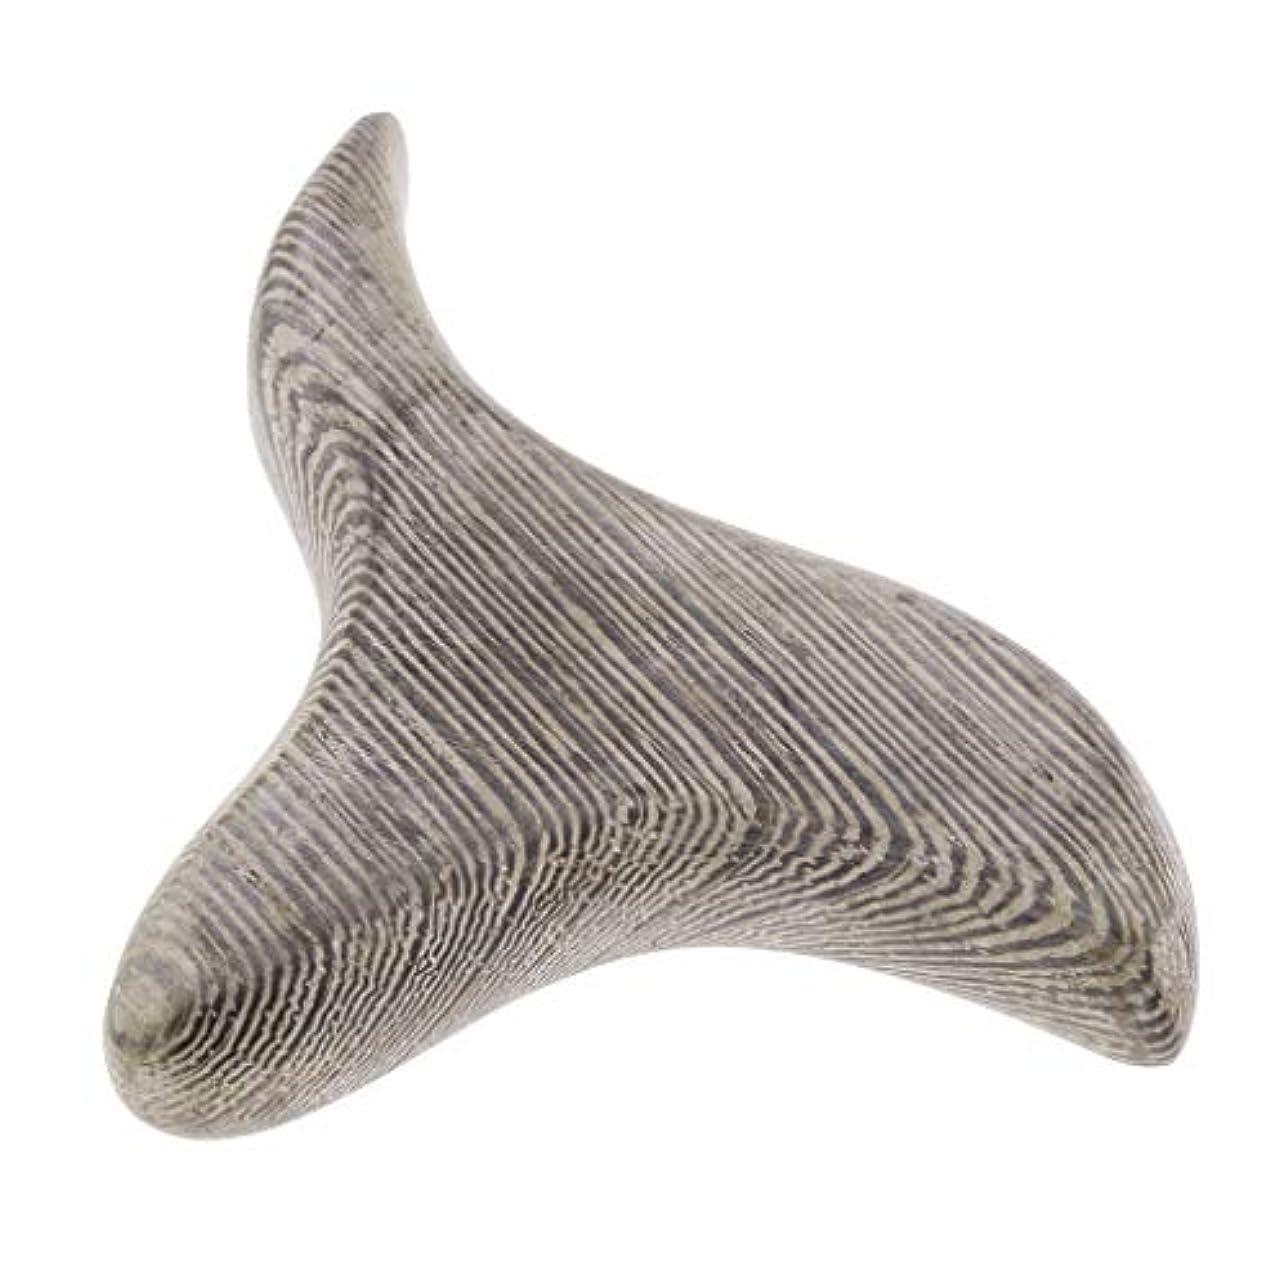 Perfeclan 三角形 掻き板 ハンドヘルド マッサージツール マッサージボード